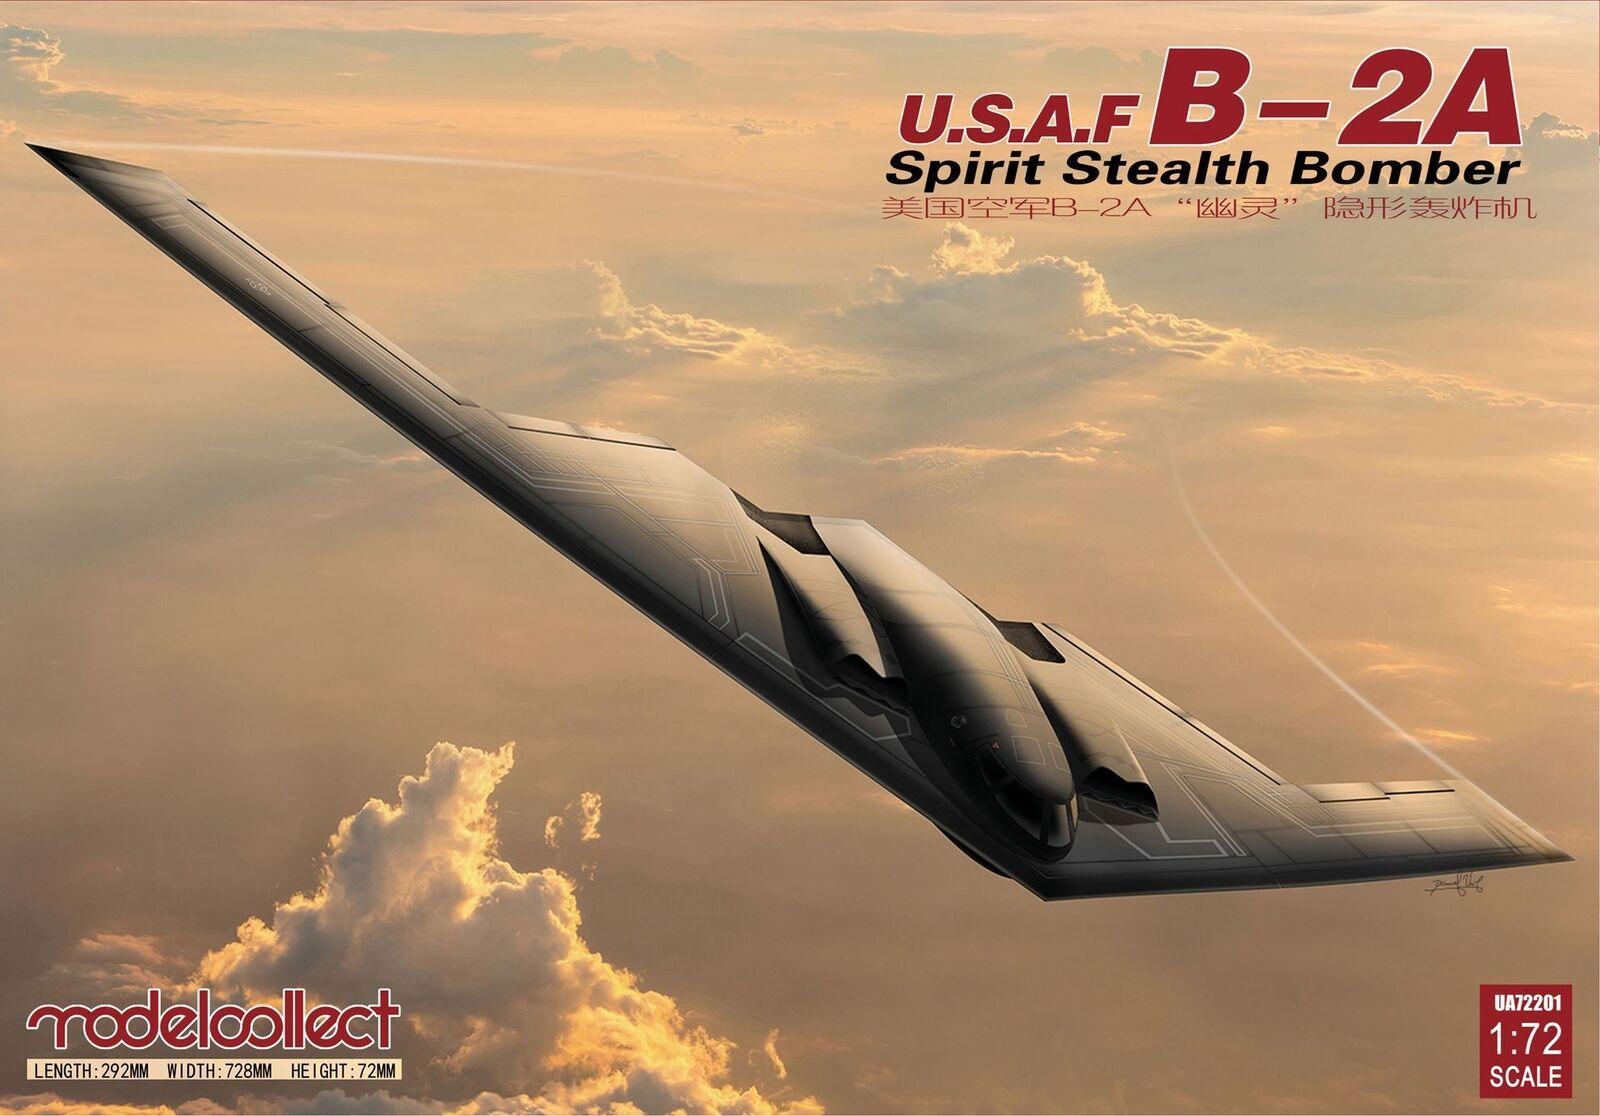 perfezionare modellocollect 1 72 72 72 U. S.A.F B-2a Spirit Stealth Bomber  72201  merce di alta qualità e servizio conveniente e onesto